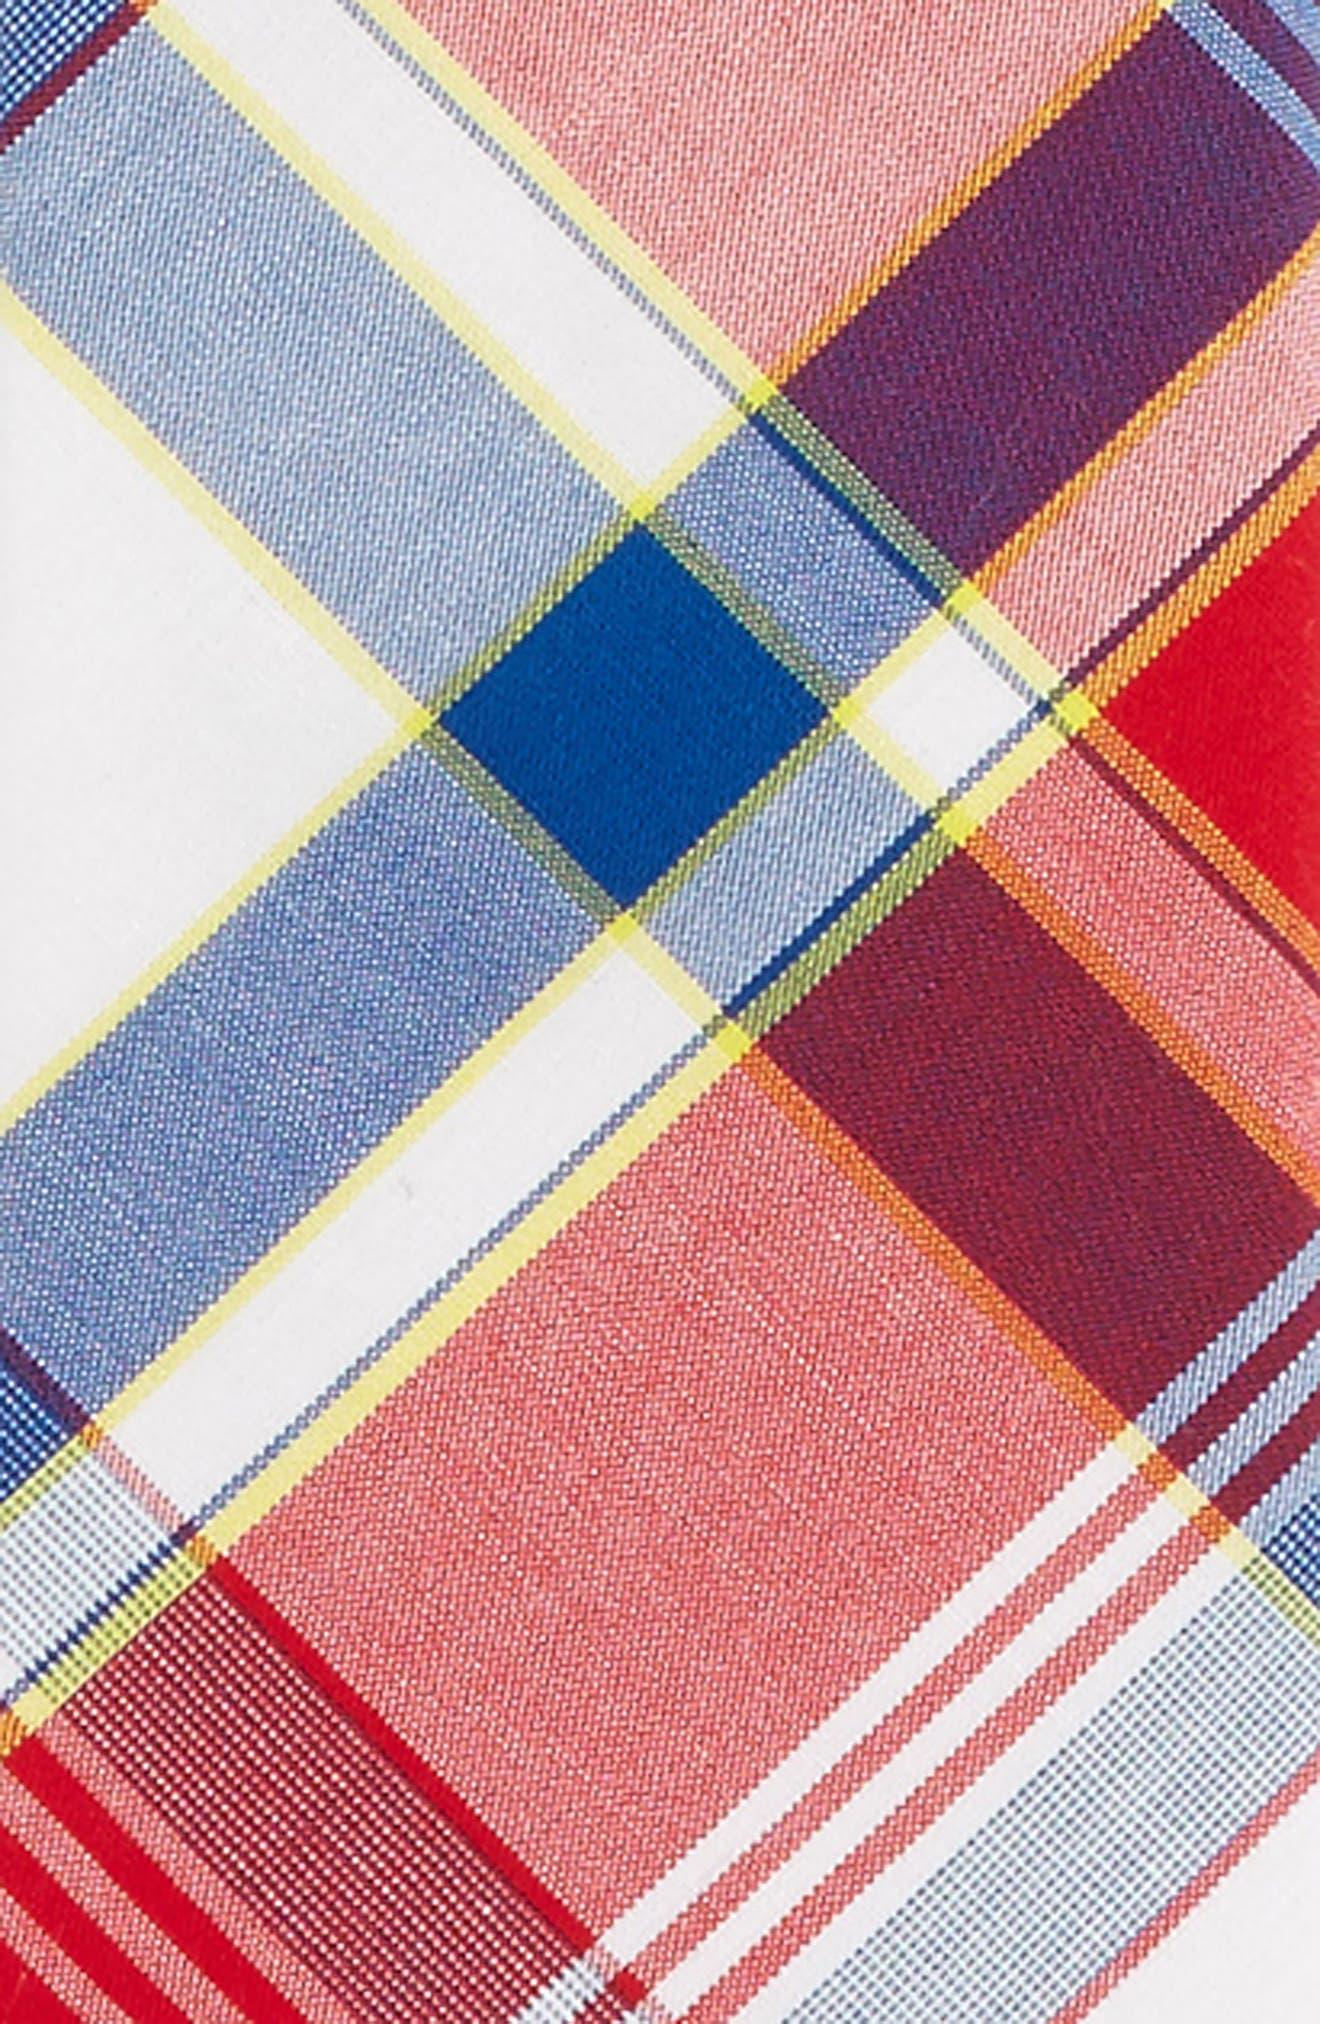 Plaid Cotton Zip Tie,                             Alternate thumbnail 2, color,                             Red- Navy Plaid